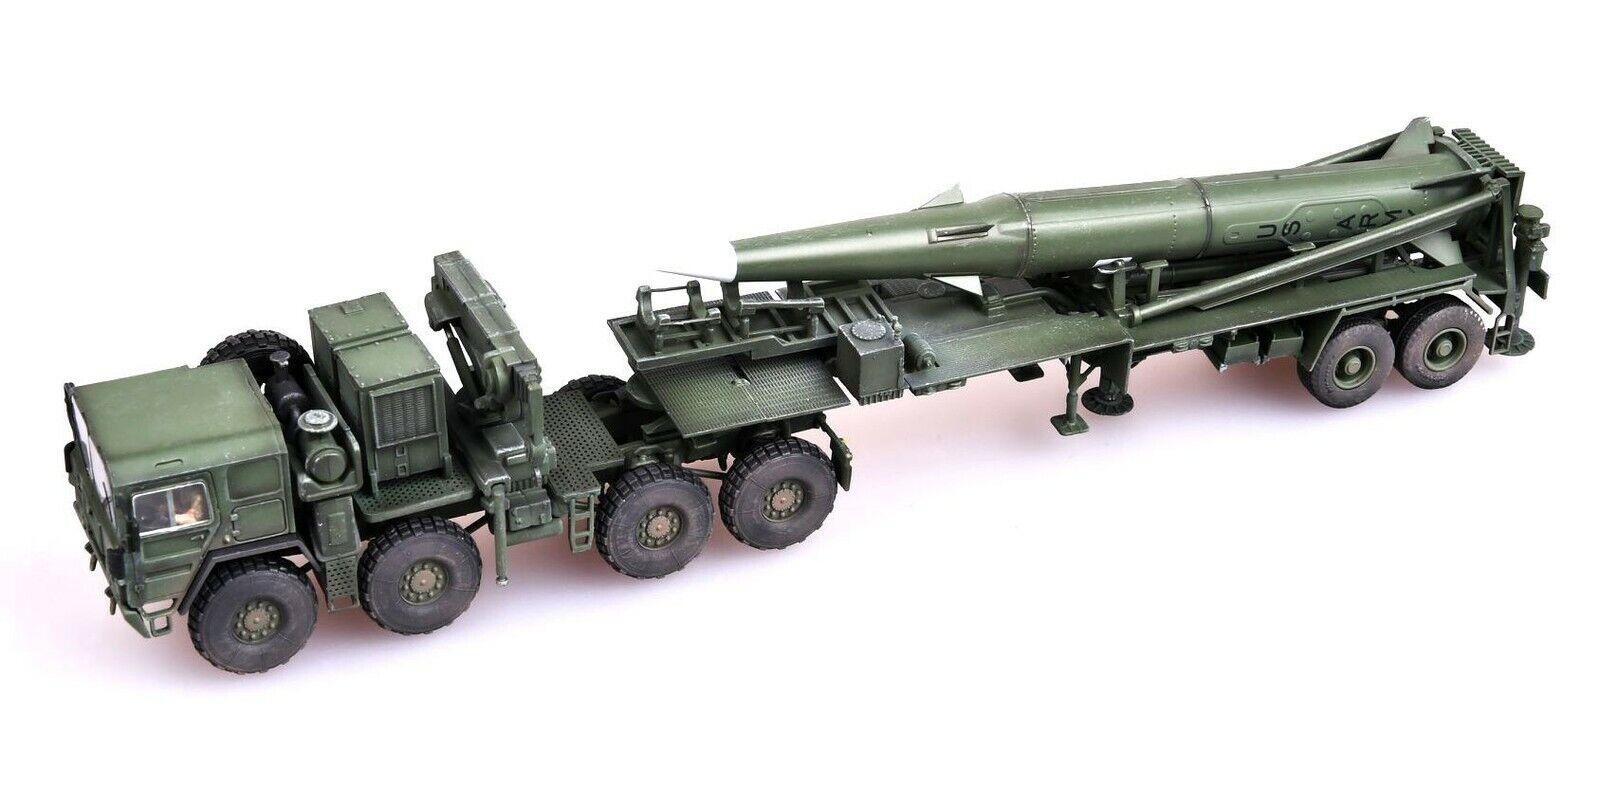 MODELCOLLECT 1 72 US Man M1001 tracteur et  Pershing II Tactique missile  AS72101  livraison gratuite